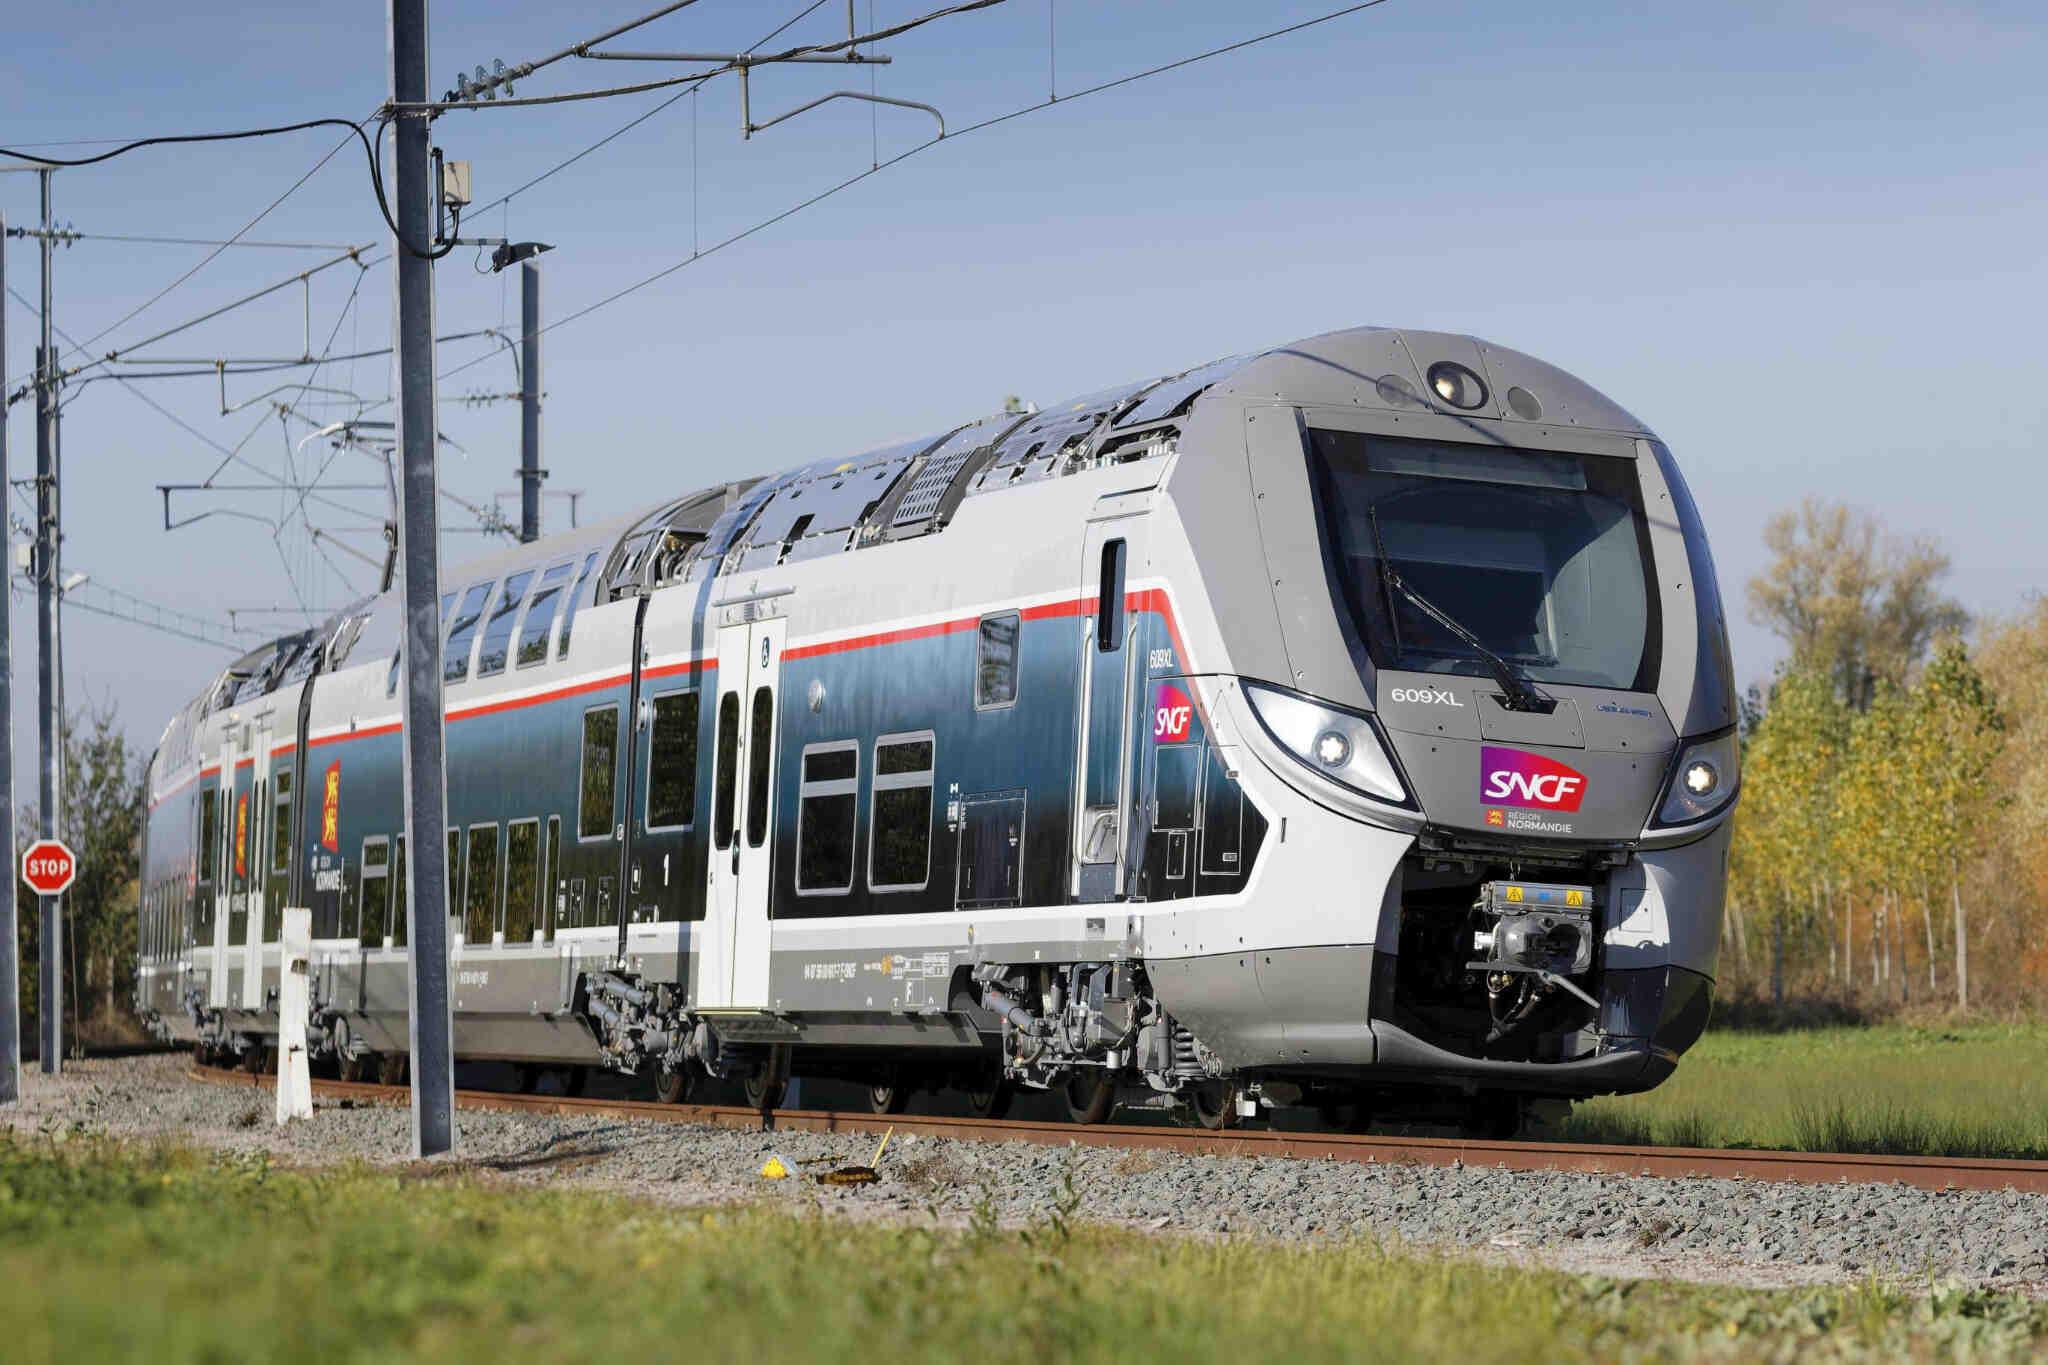 Quelle gare pour aller à Rouen?